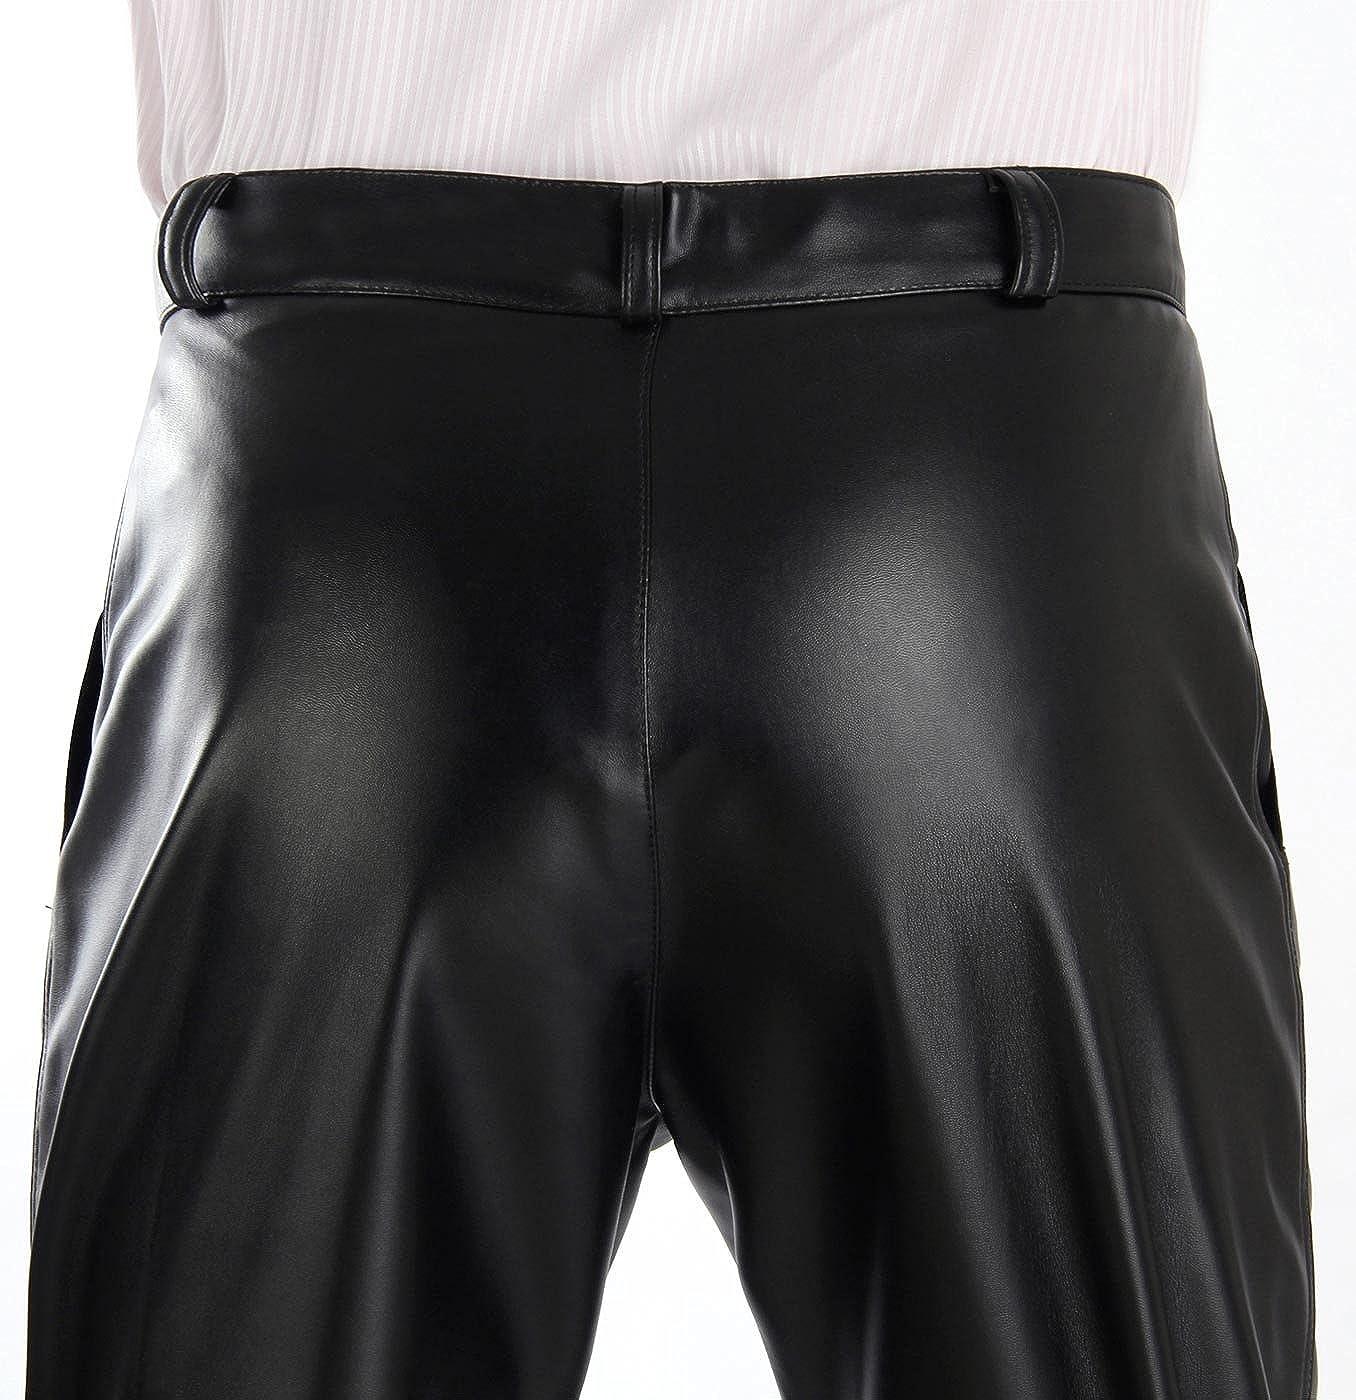 Pantalones De Piel Para Hombre Invierno Evitar El Viento Hombre Ocio Pantalon Largos Con Forro Suave Caliente Espesado Resiatente Al Agua Color Negro Aieoe Pantalones Ropa